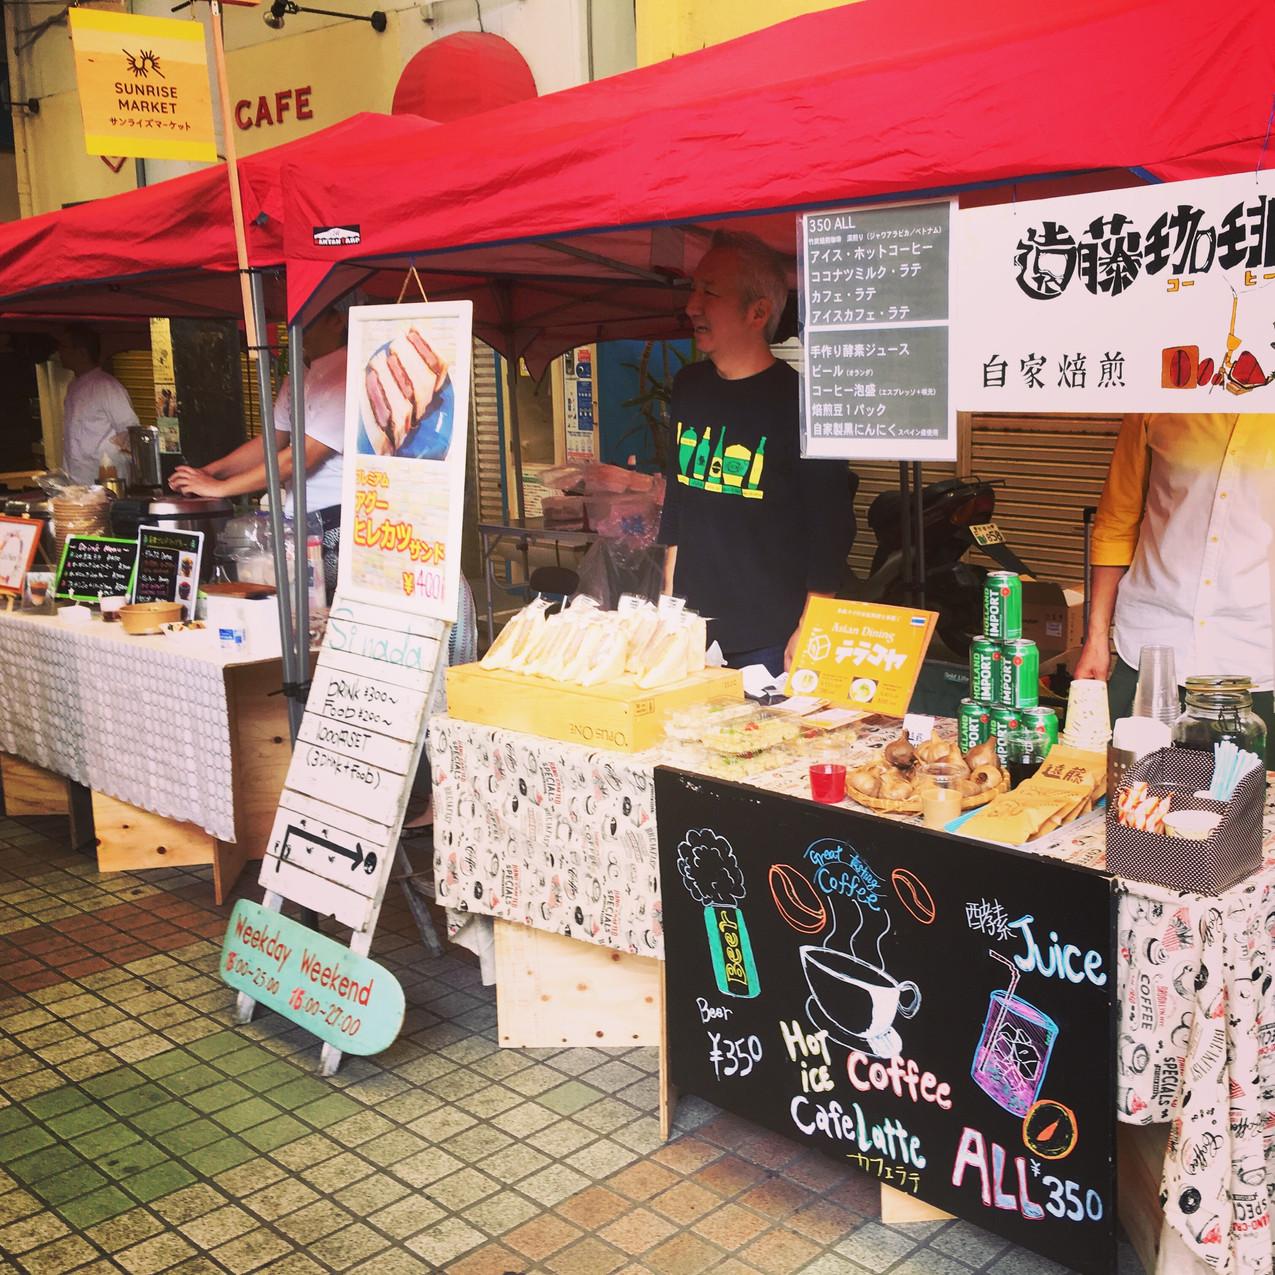 サンライズマーケット | Asian Dining テラコヤ